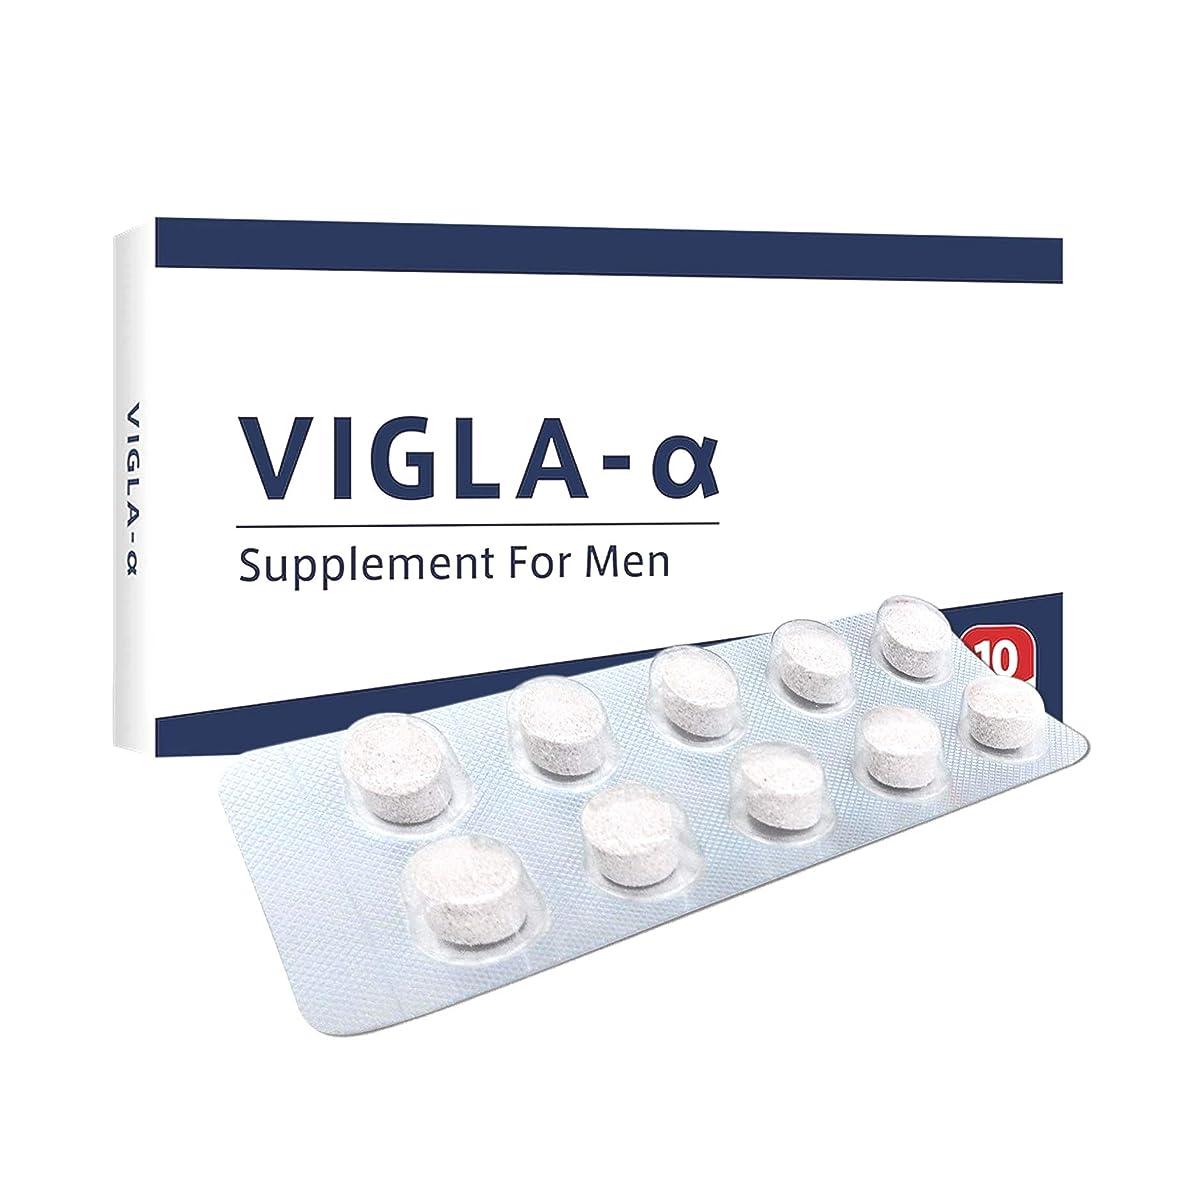 家庭称賛飲み込むVIGLA-α(ビグラアルファ) 男性用 サプリメント (10日分)